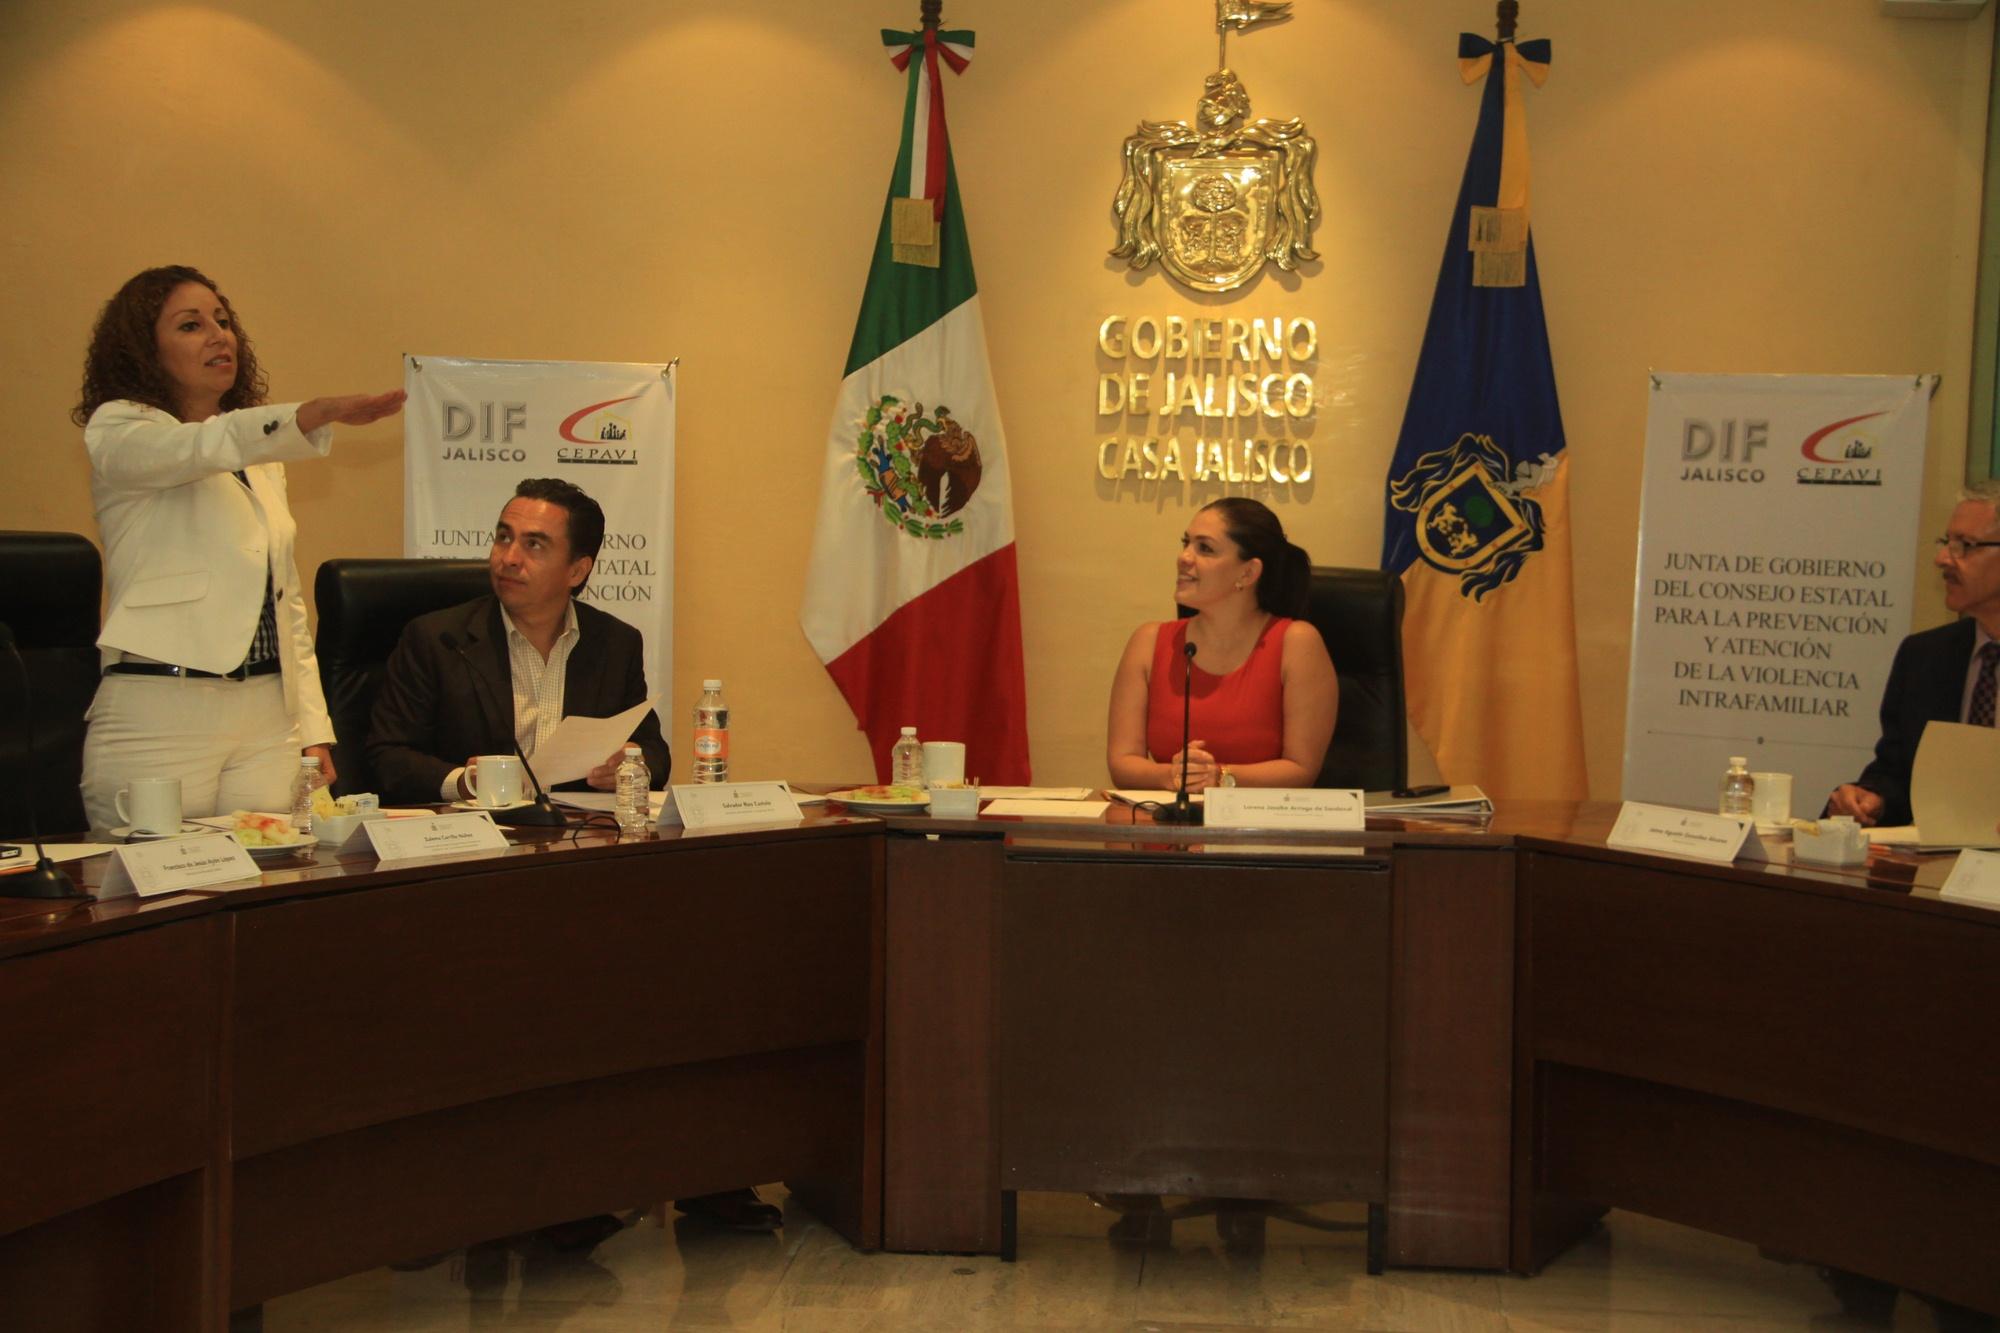 Se instala Junta de Gobierno del Consejo Estatal para la Prevención y Atención de la Violencia Intrafamiliar